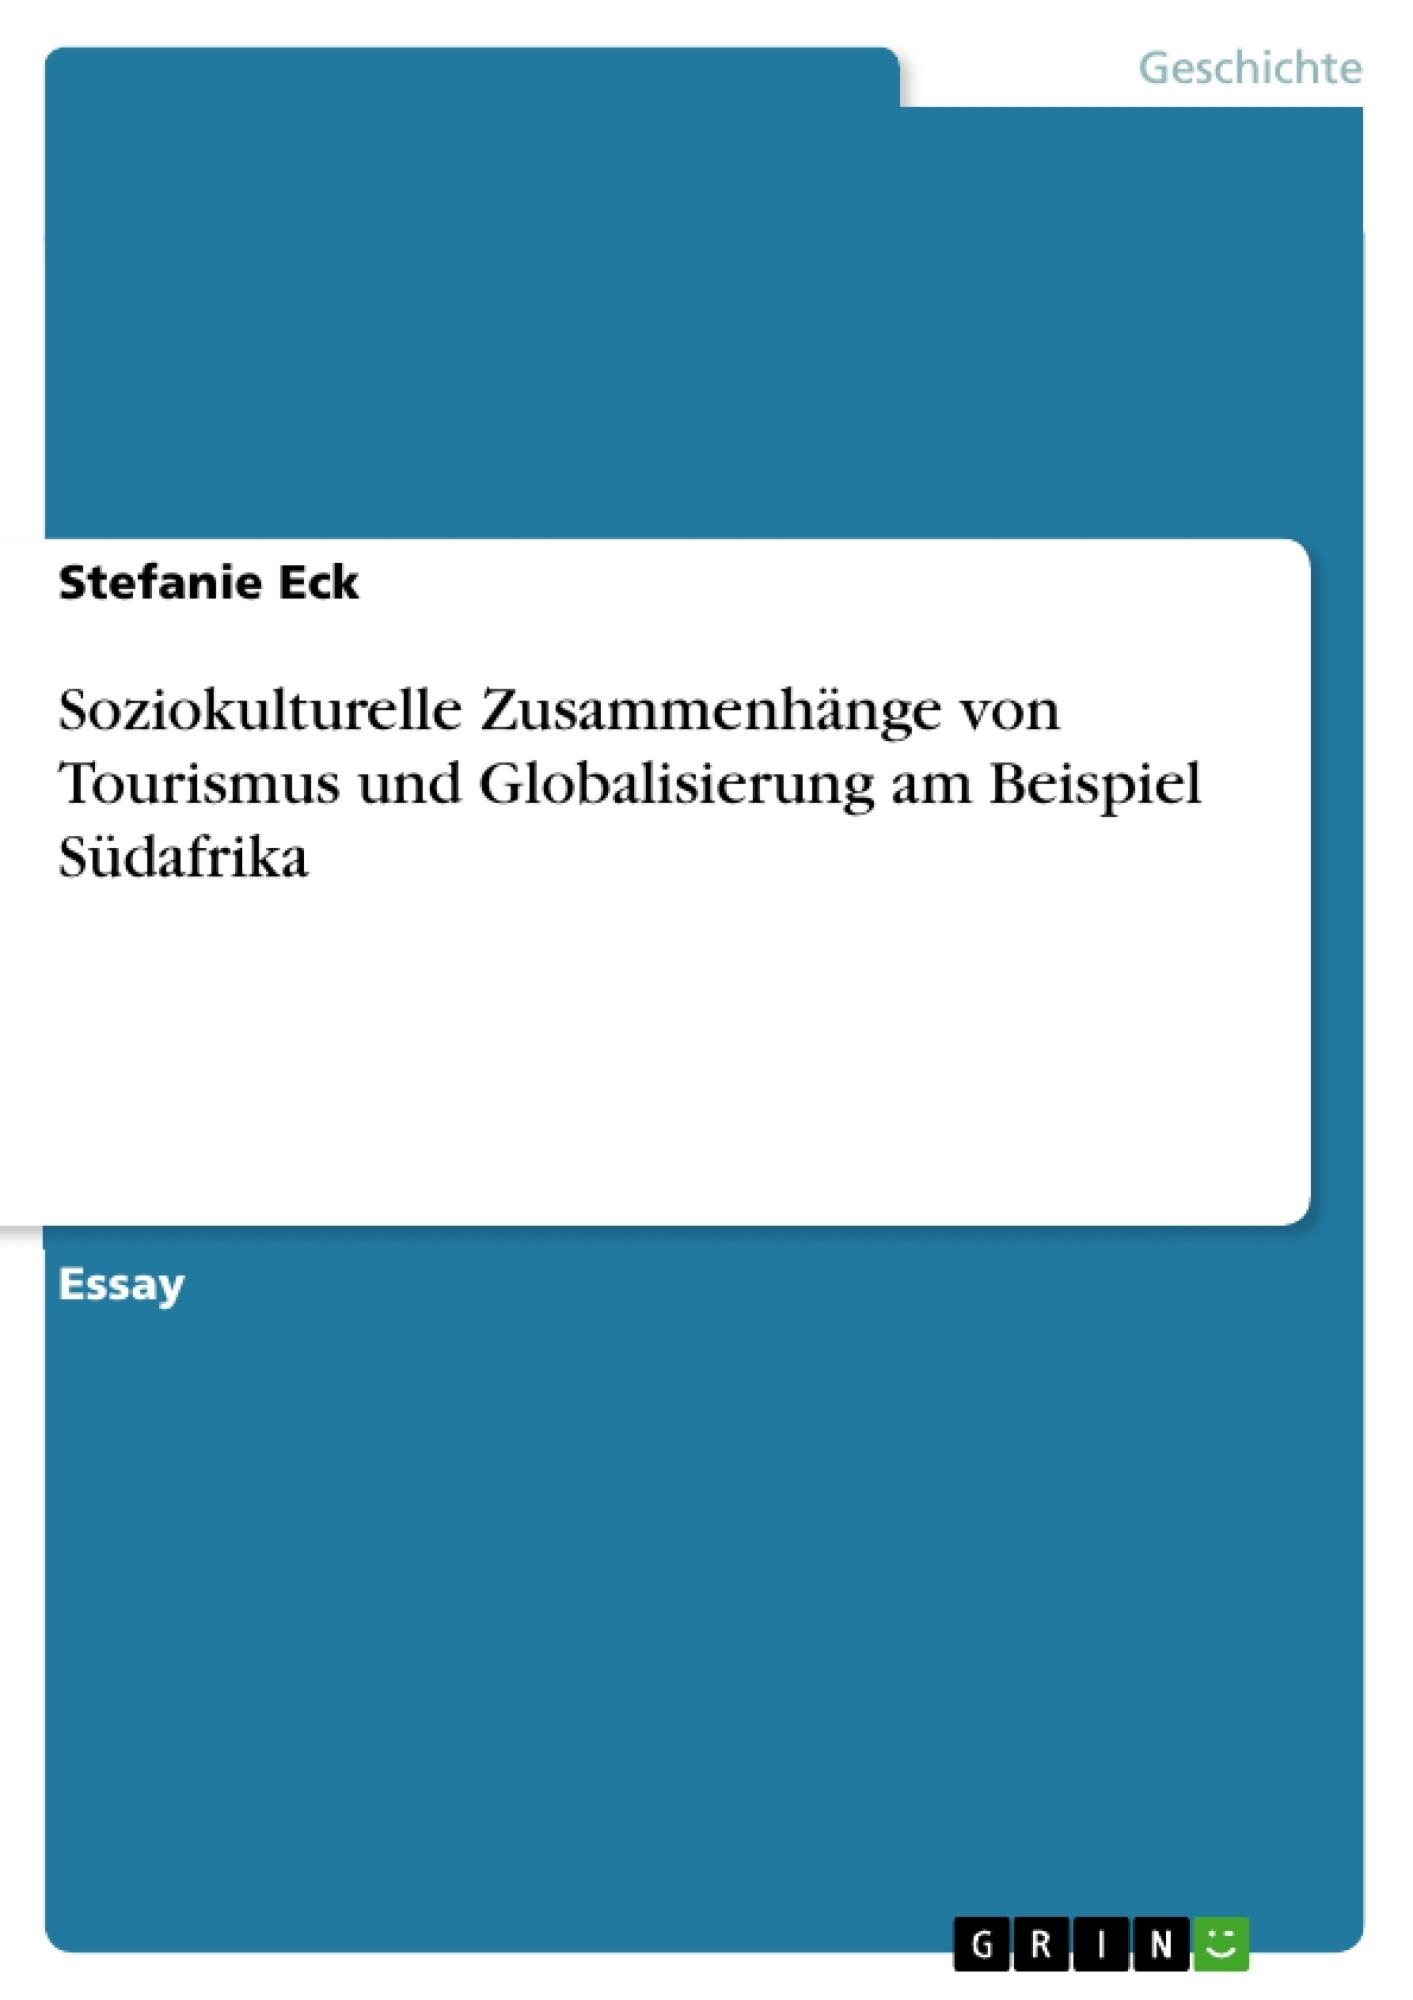 Titel: Soziokulturelle Zusammenhänge von Tourismus und Globalisierung am Beispiel Südafrika